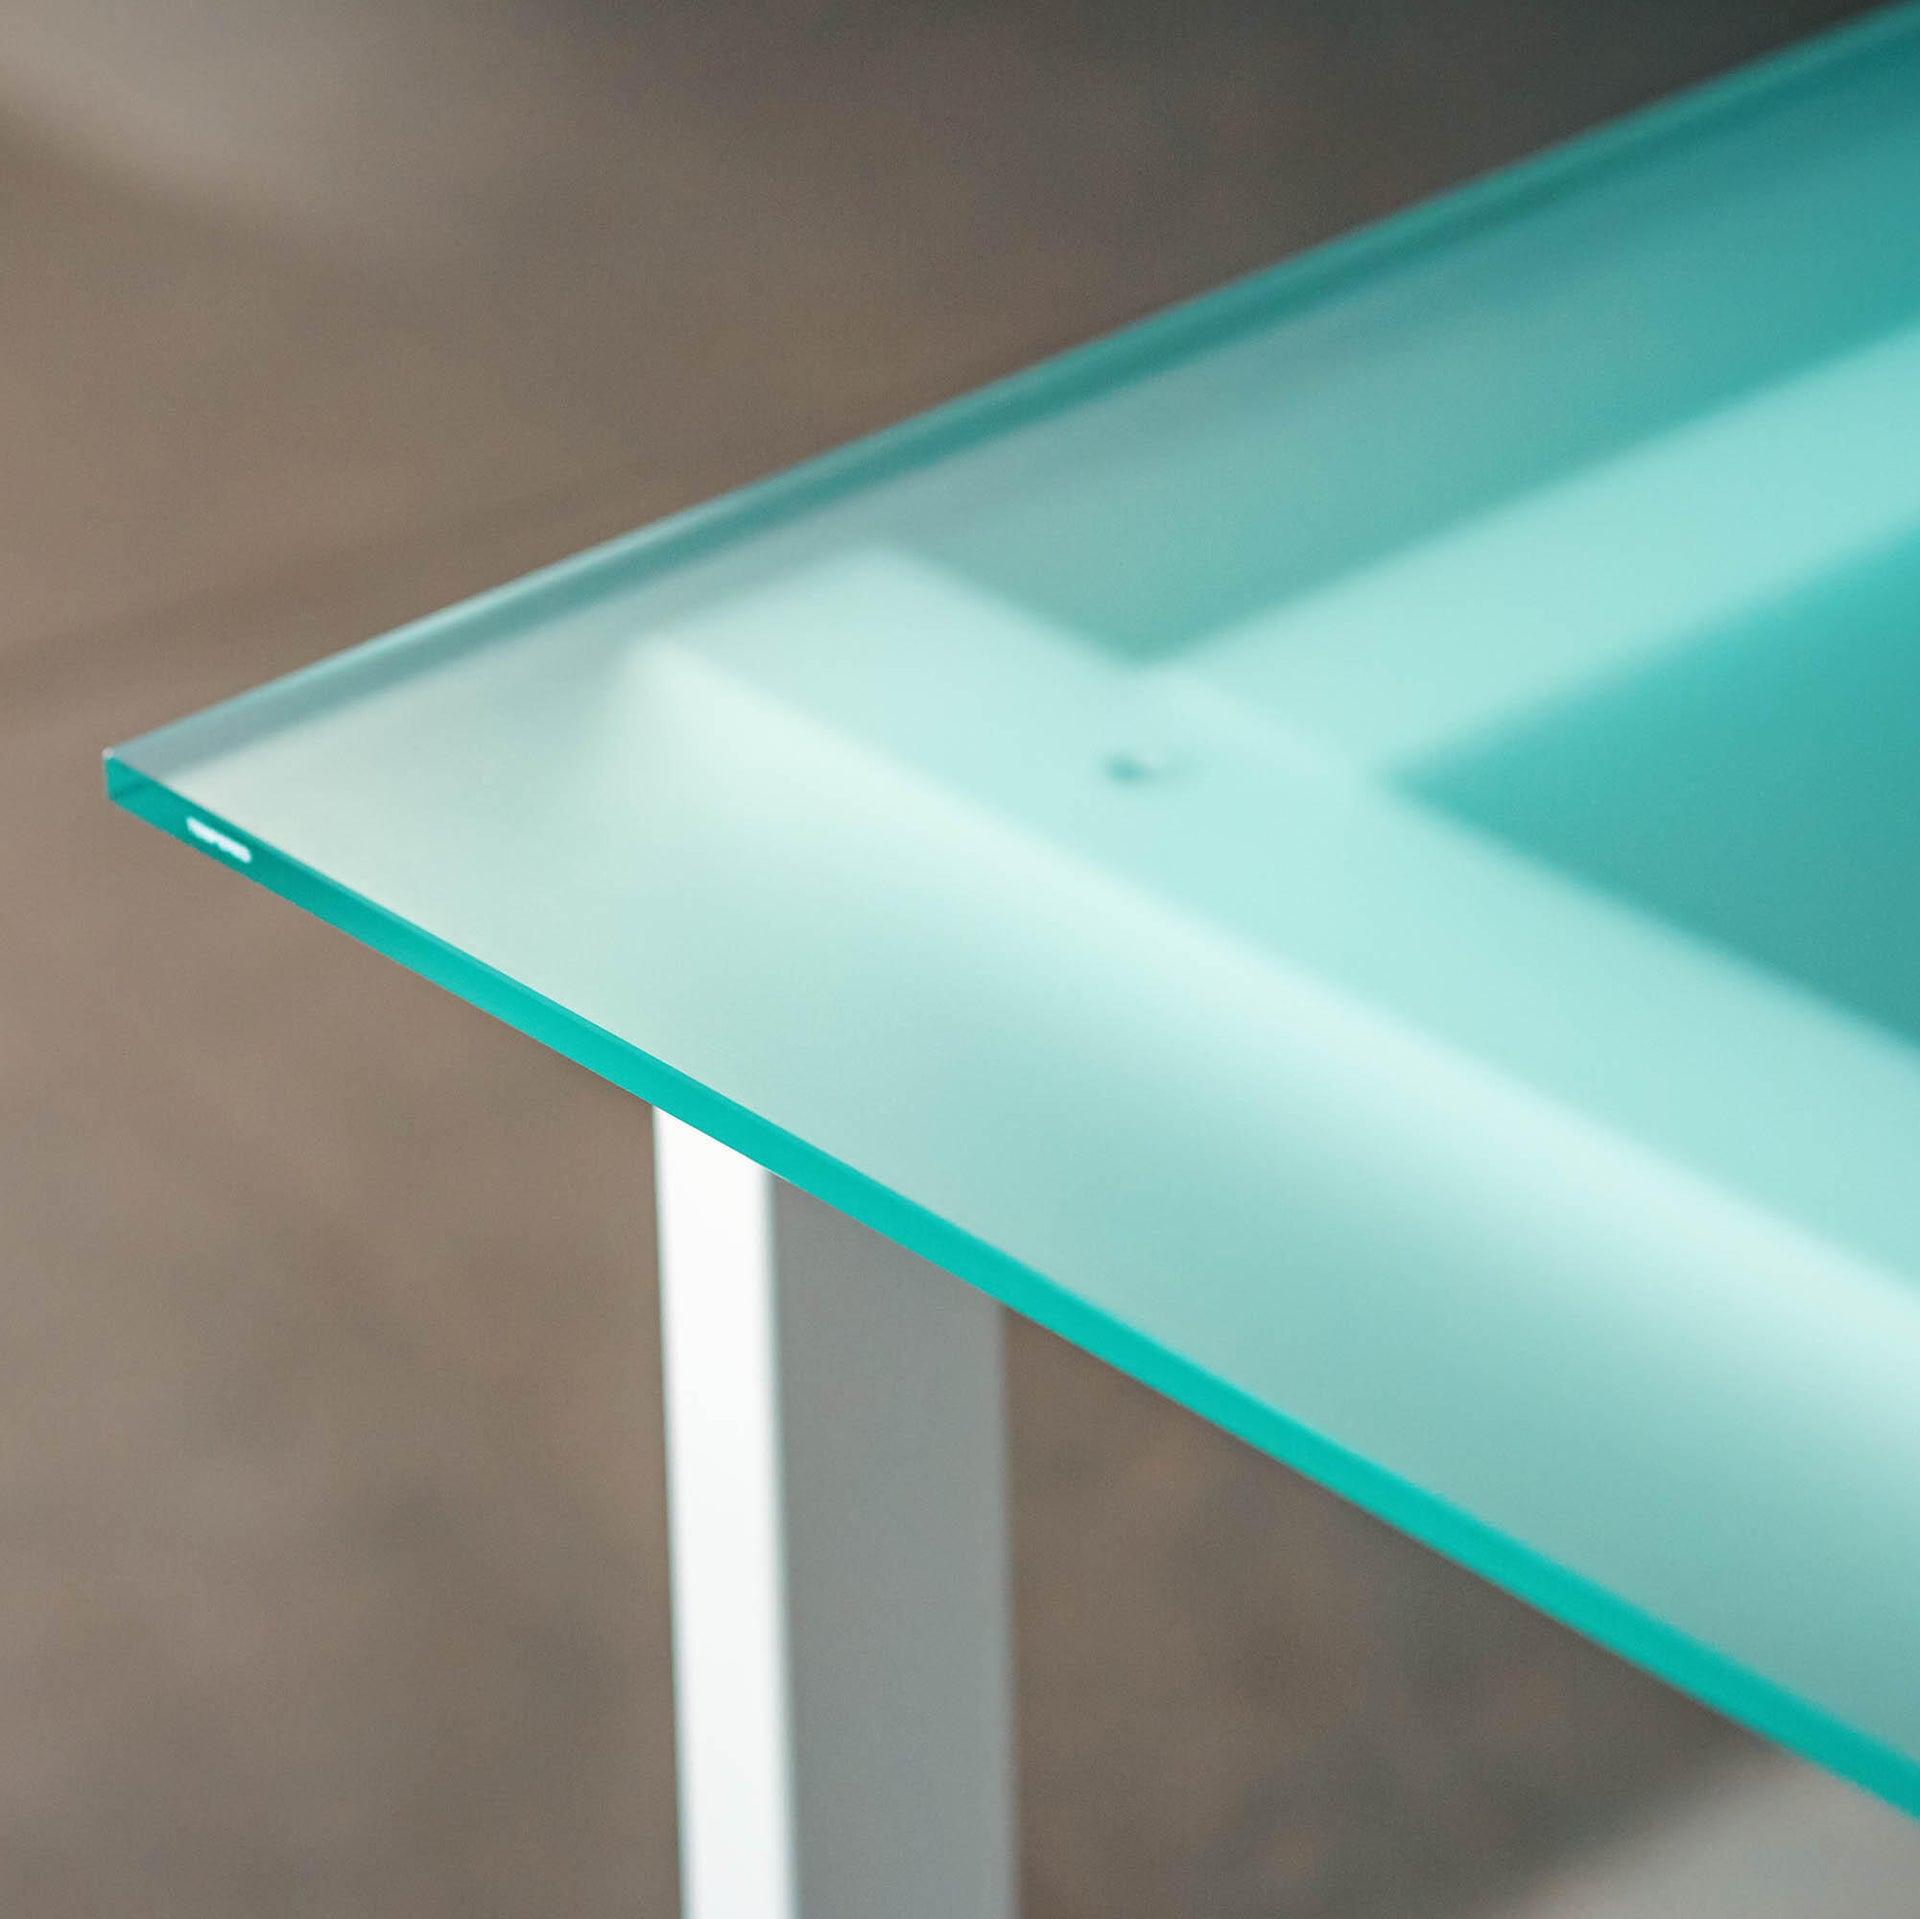 Tavolo da giardino rettangolare Crystal con piano in vetro L 80 x P 160 cm - 3